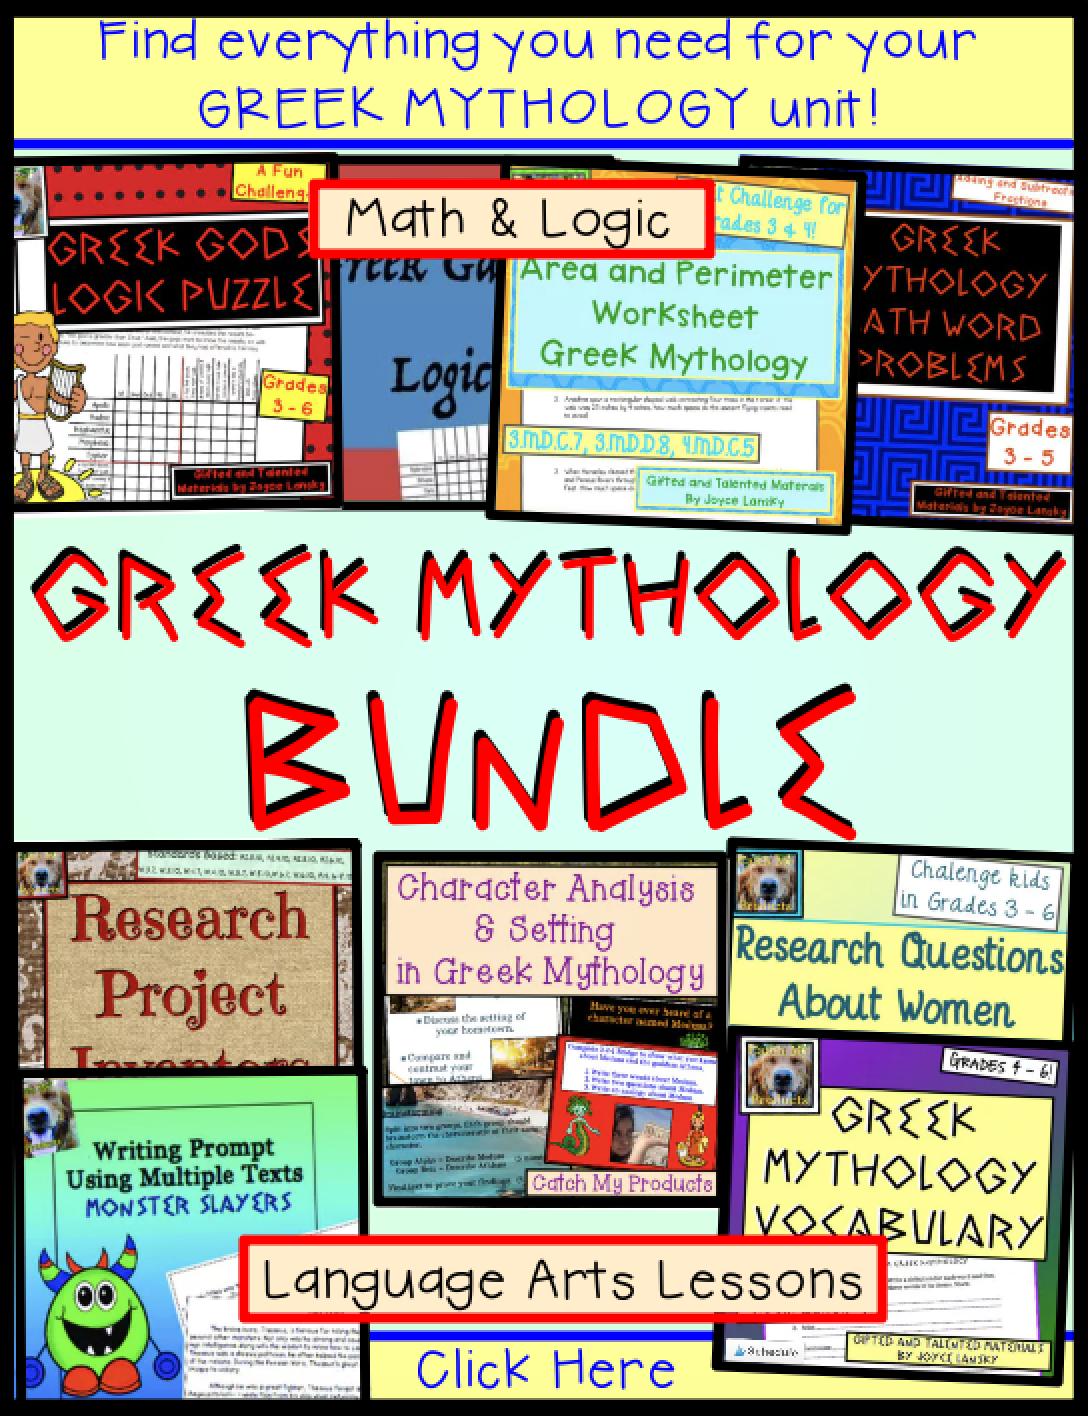 42 Greek Mythology Activities ideas   greek mythology [ 1416 x 1088 Pixel ]